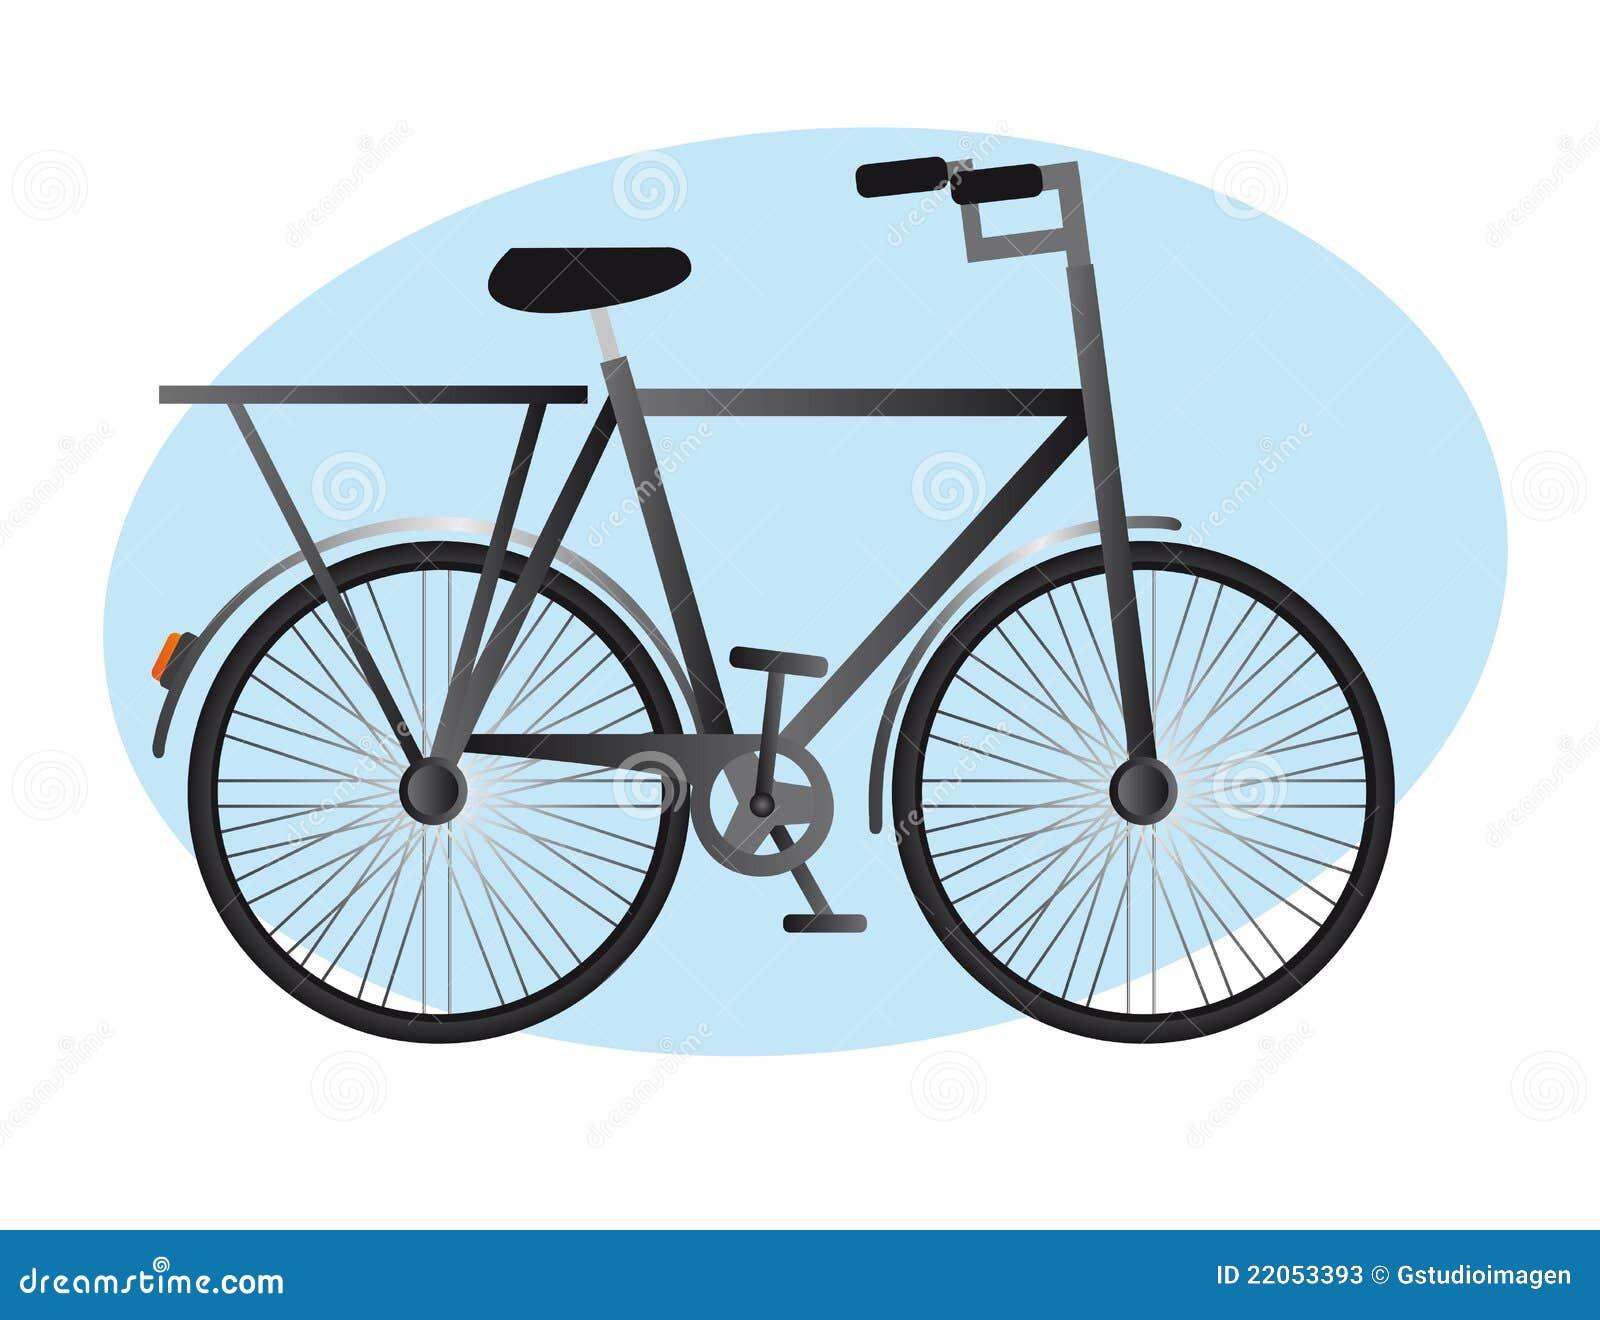 bike vector source...